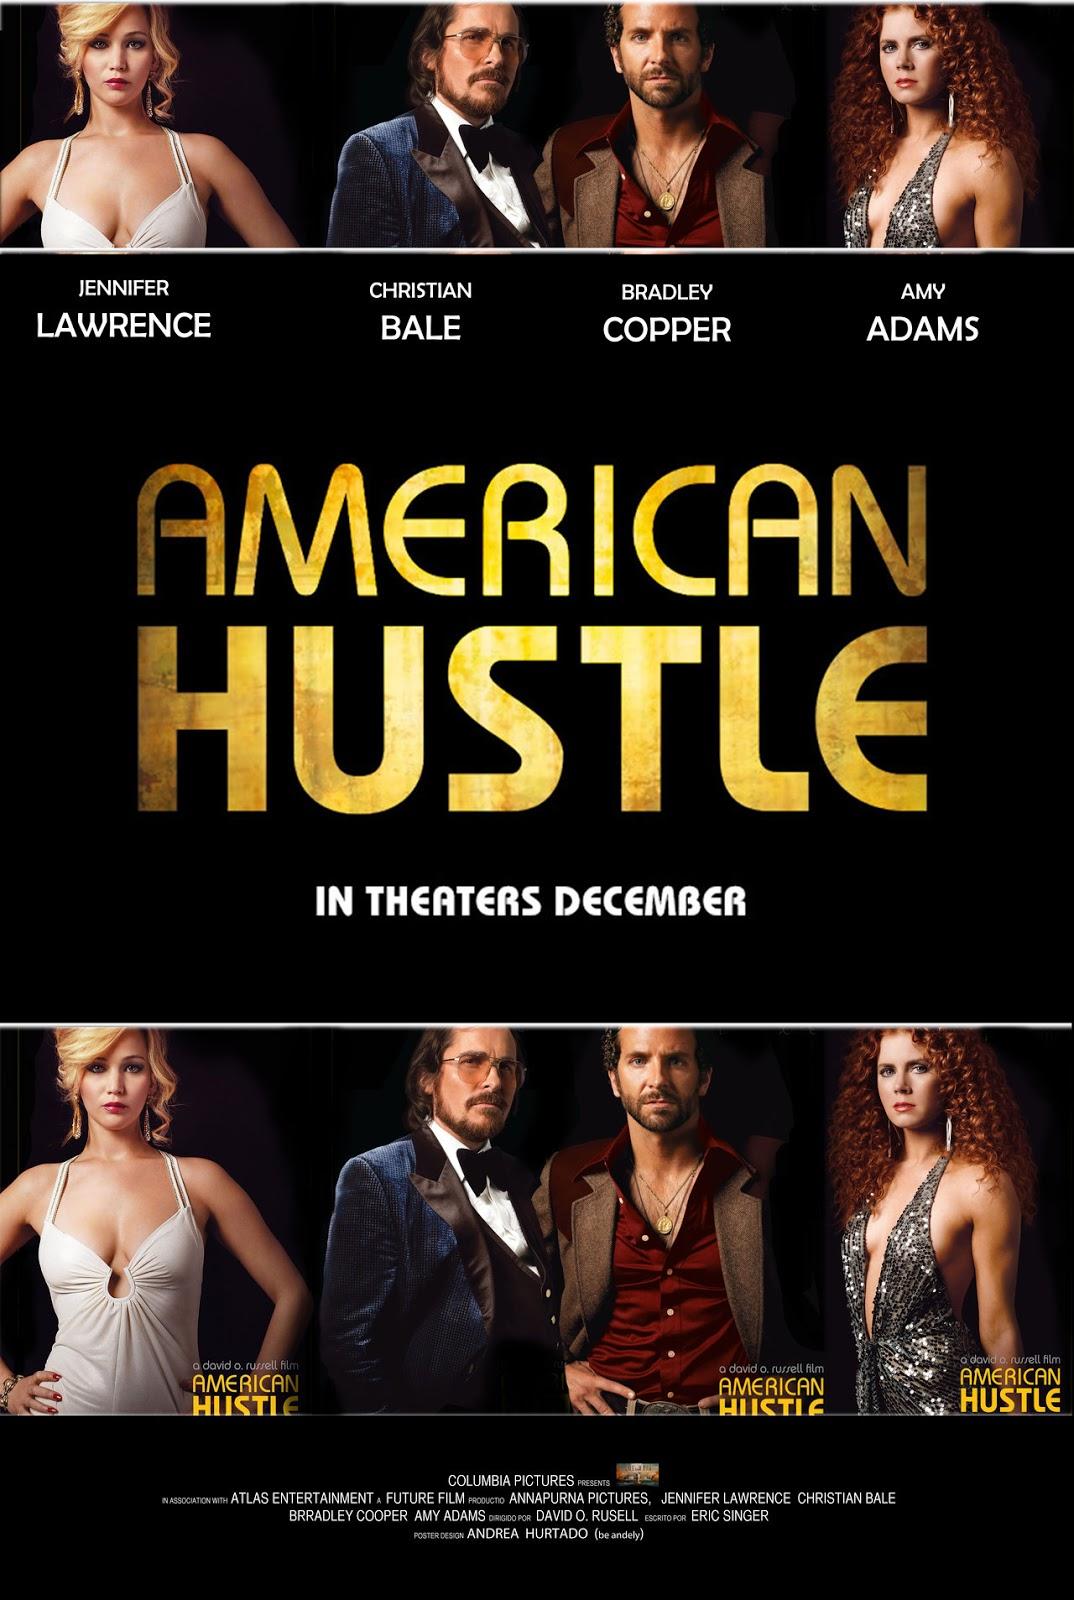 American Hustle 2013 Hbo Top Movies